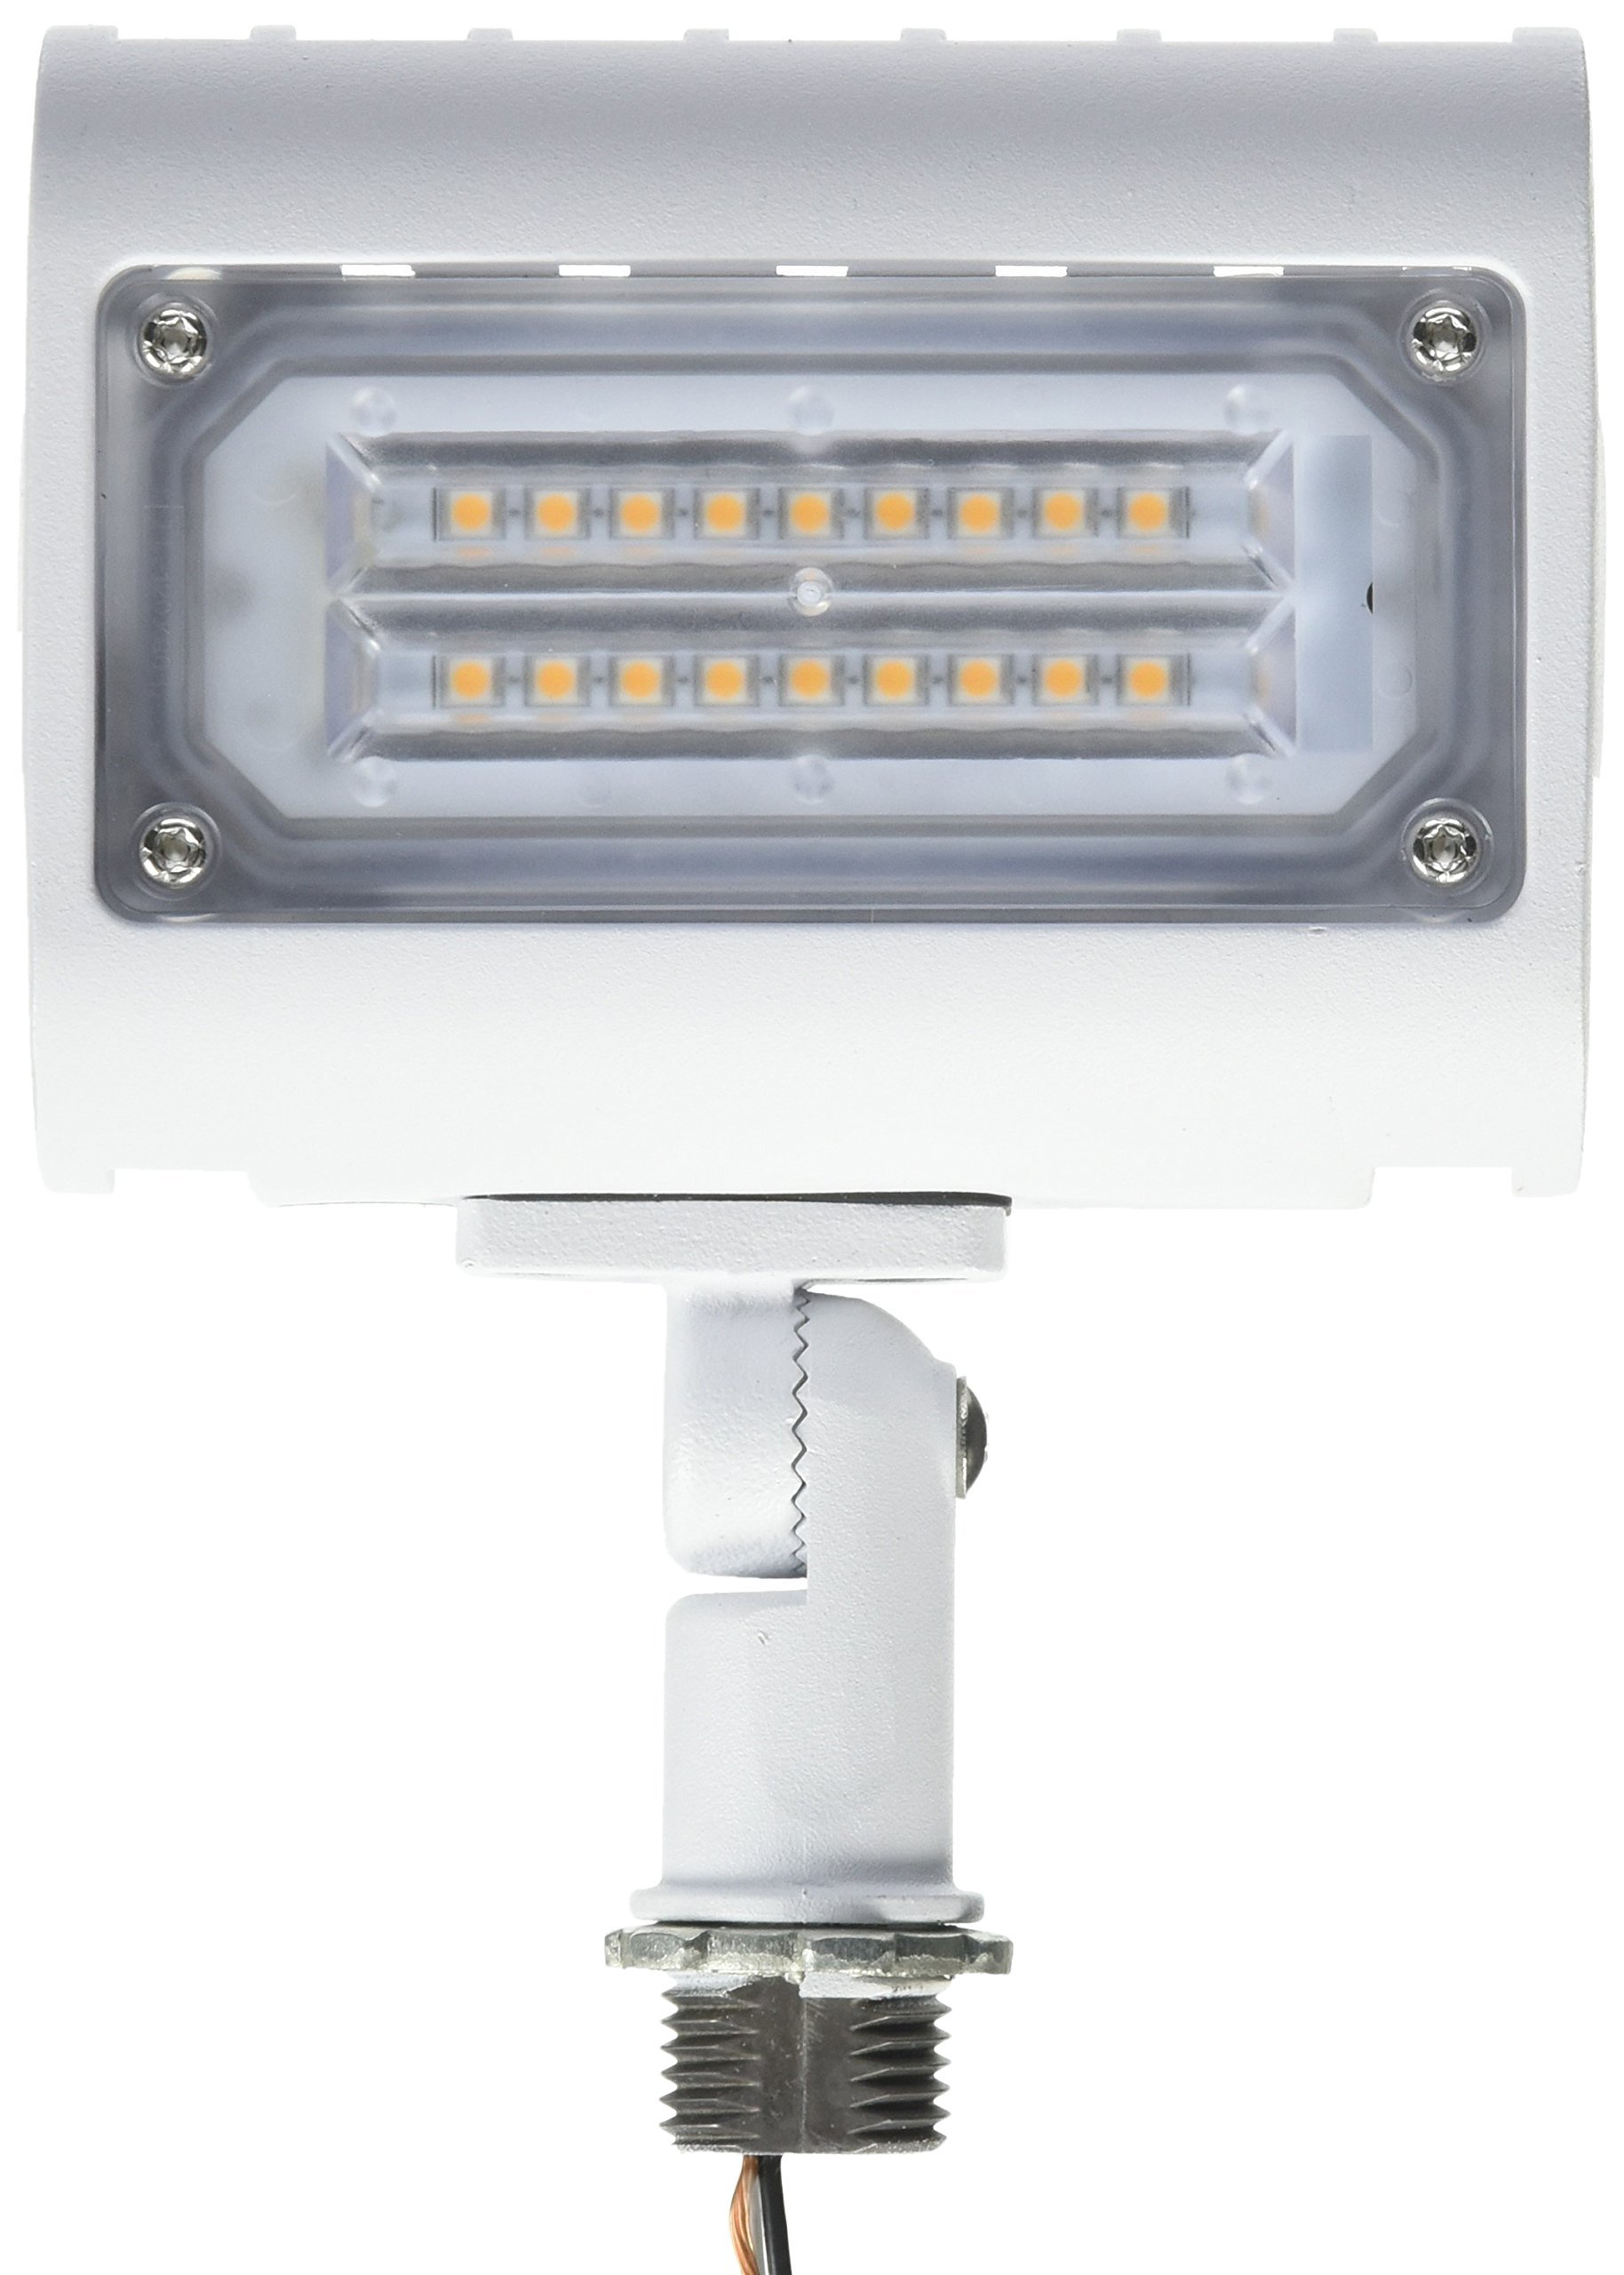 Morris 71553 15W 3000K LED Flat Panel Flood Light with 1/2'' Adjustable Knuckle Mount, 1400 lm, 120-277V, White